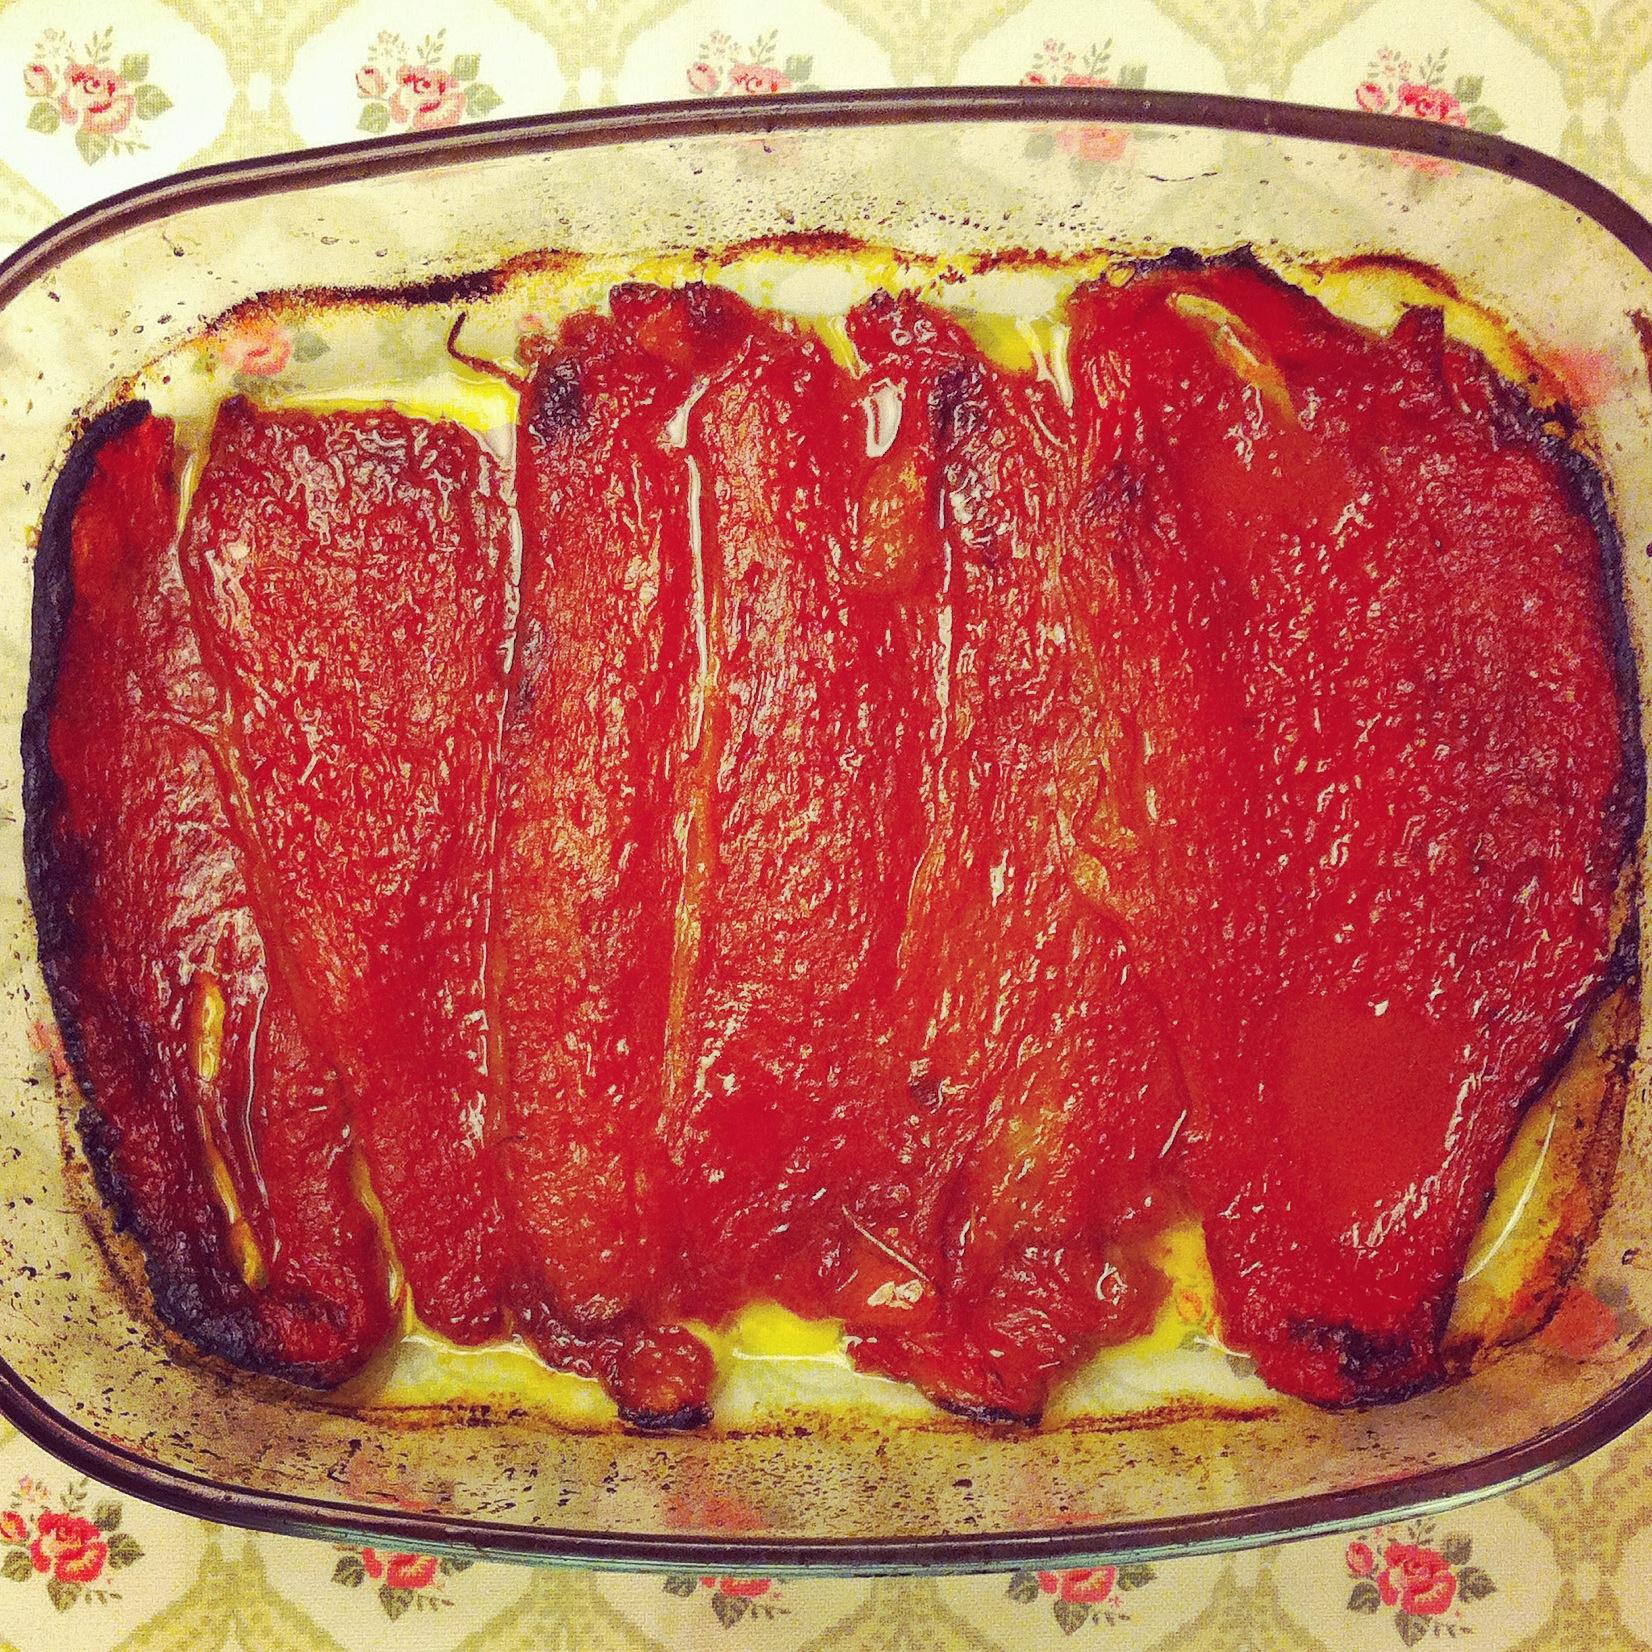 recepta-pebrots-confitats-al-forn-amb-el-seu-suc